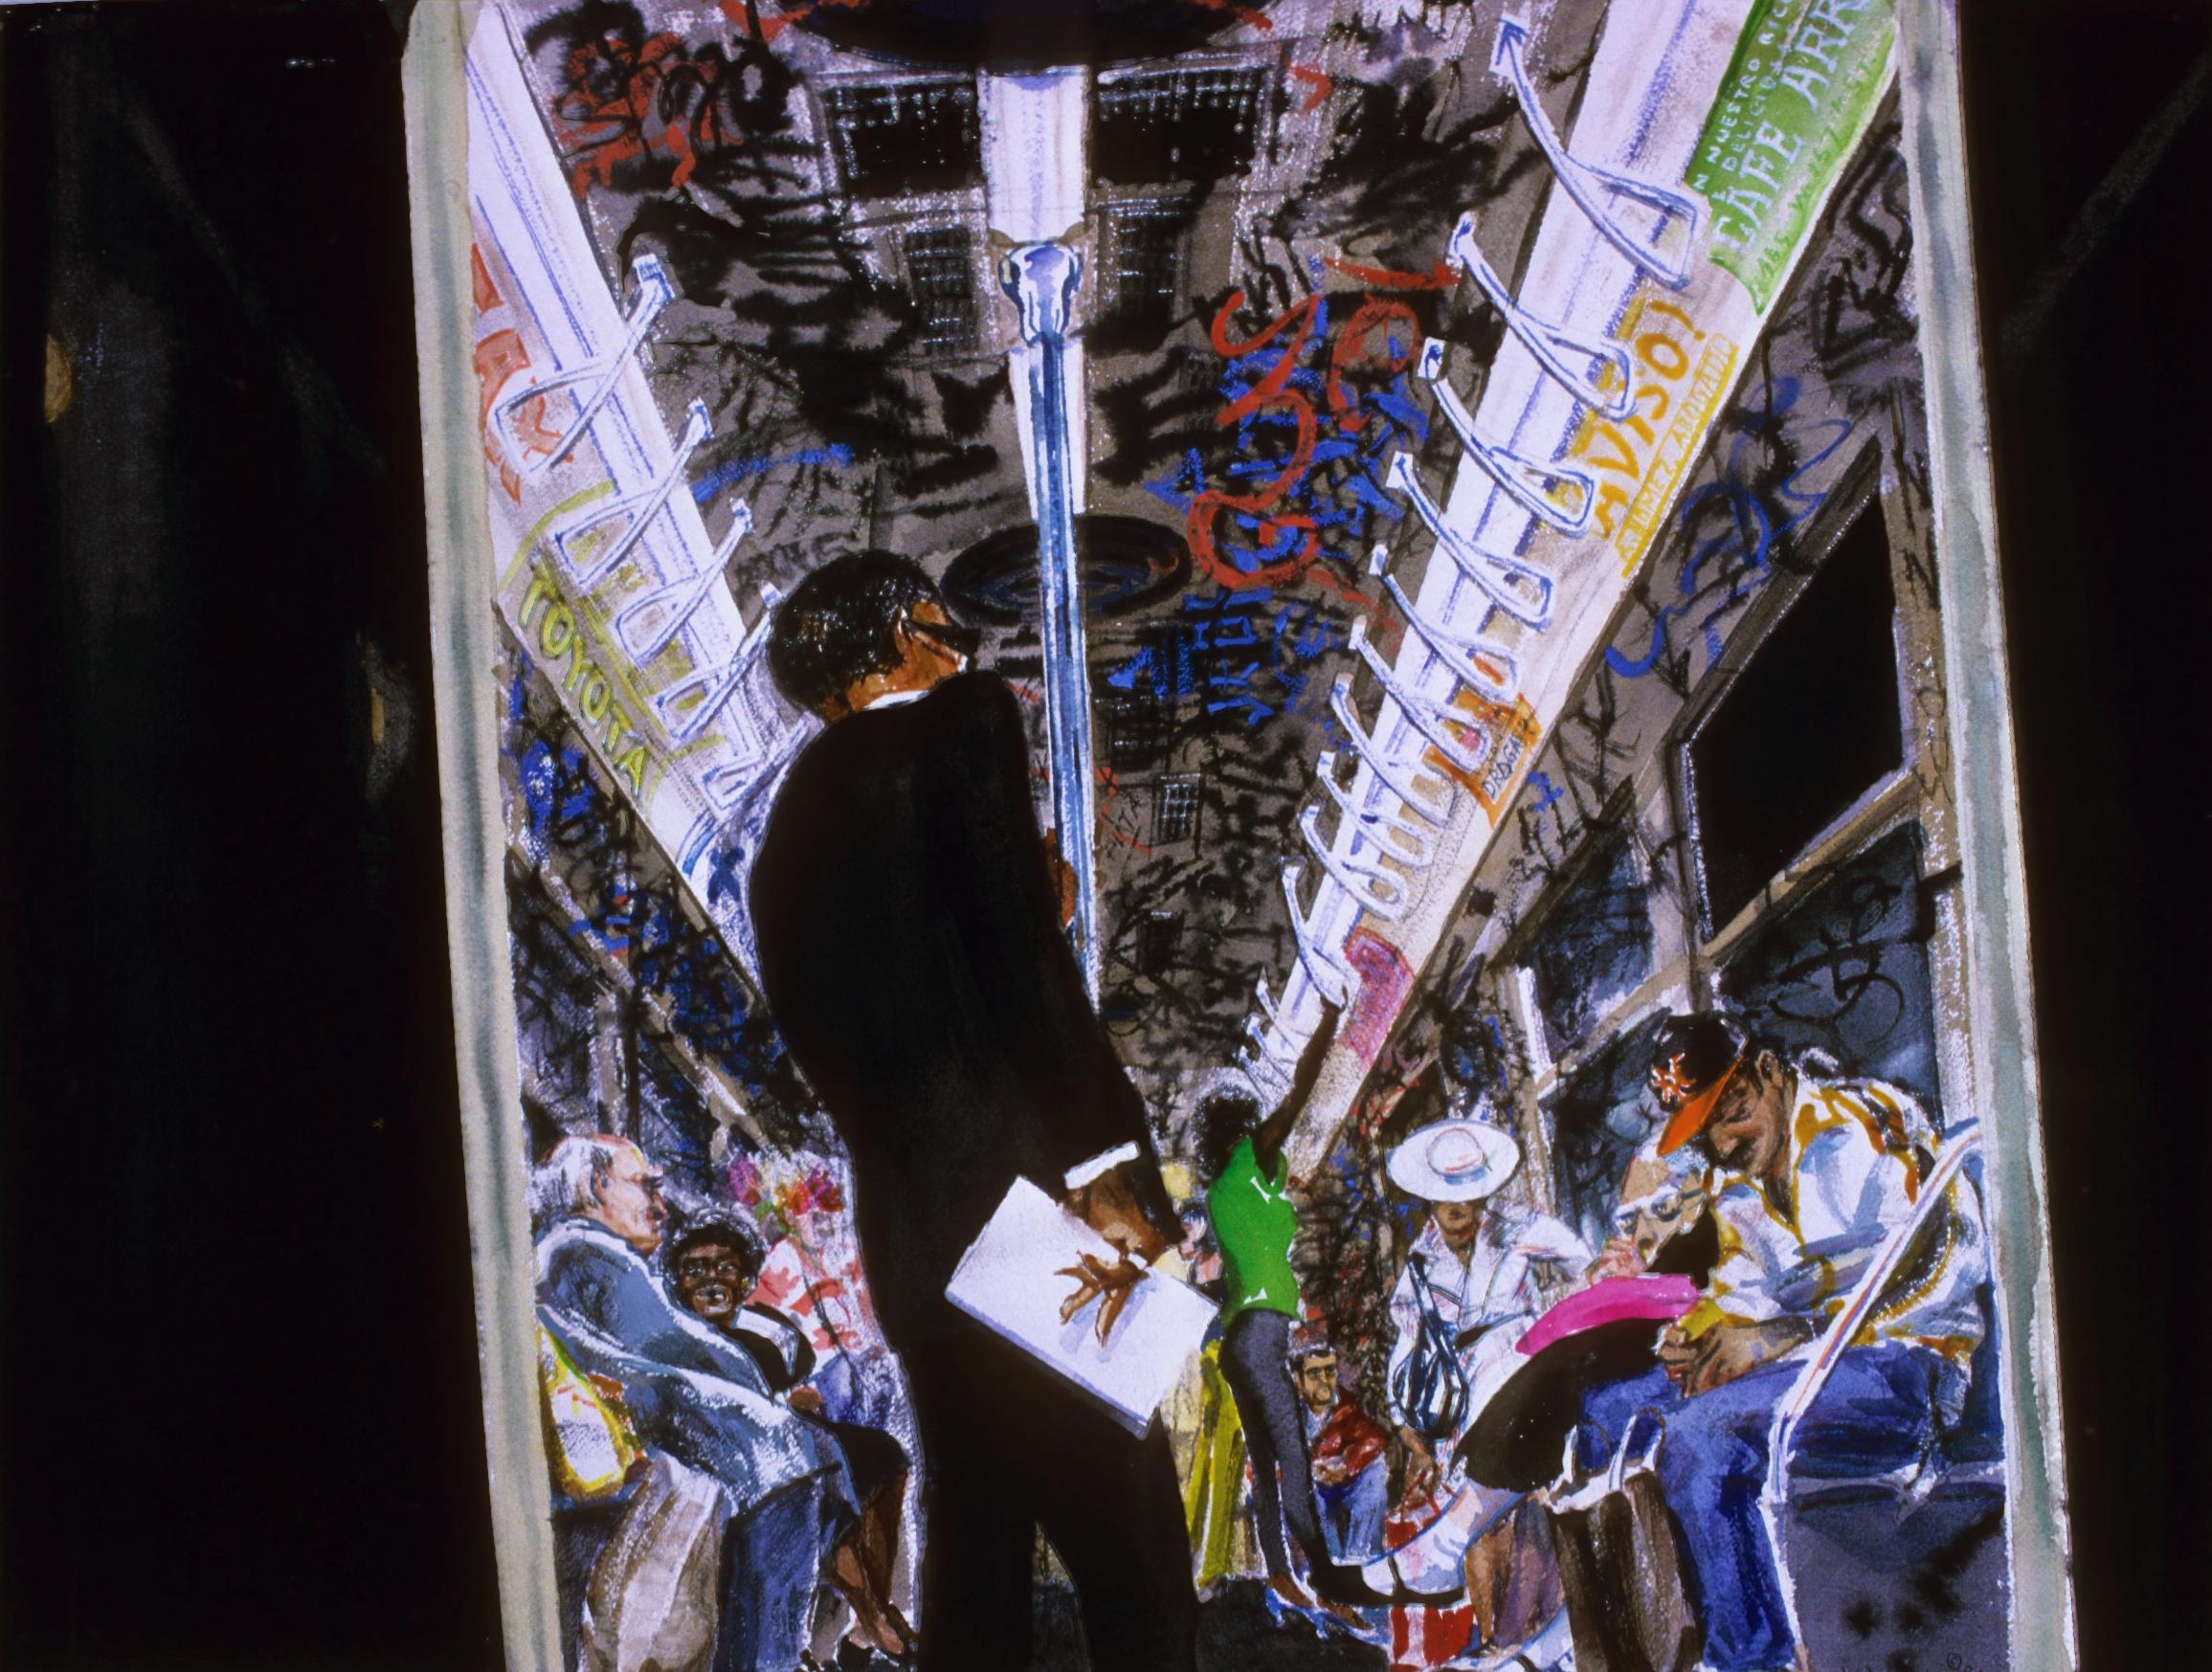 1984 – New York Subway